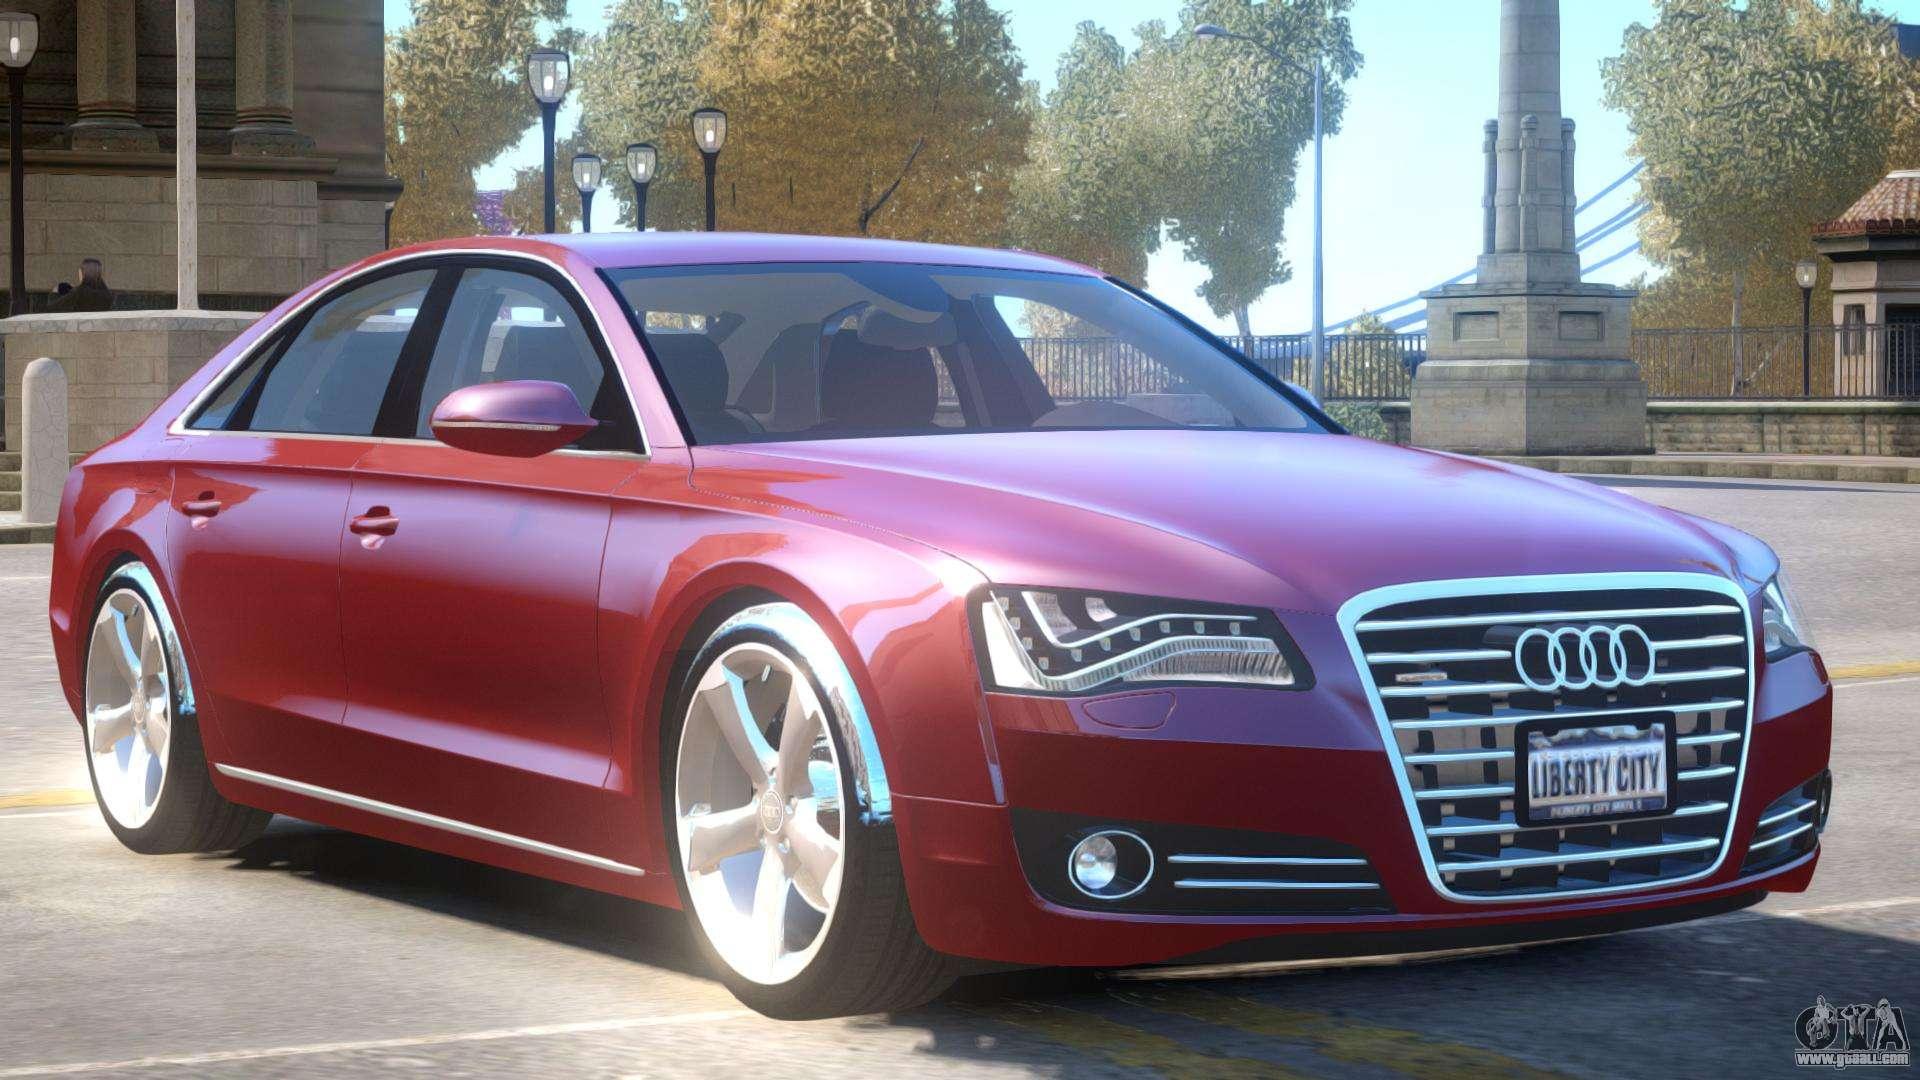 Kelebihan Kekurangan Audi R2 Top Model Tahun Ini